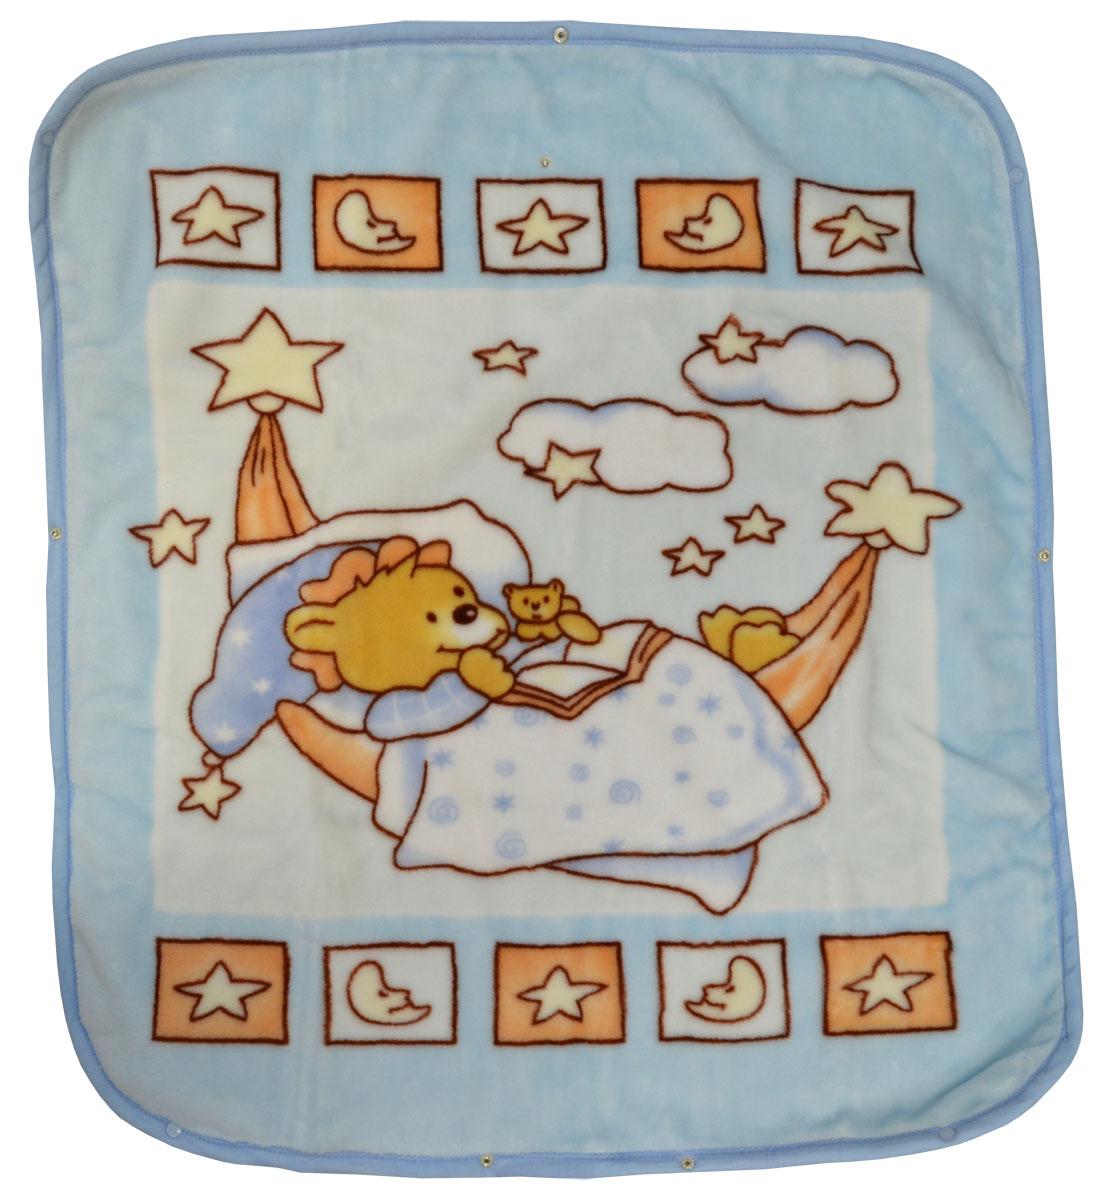 Плед-накидка для младенцев 80Х90 см коралфлис голубойОНДК/300-роз2Защита, тепло и комфорт для малышей - использован надёжный, качественный и мягкий материал! Удобство и спокойствие для родителей обеспечивается универсальностью пледа-накидки, конструкция которого позволяет ему легко превращаться в конвертик. Отличное качество и практичность! Любите своего ребёнка и дарите ему лучшее!